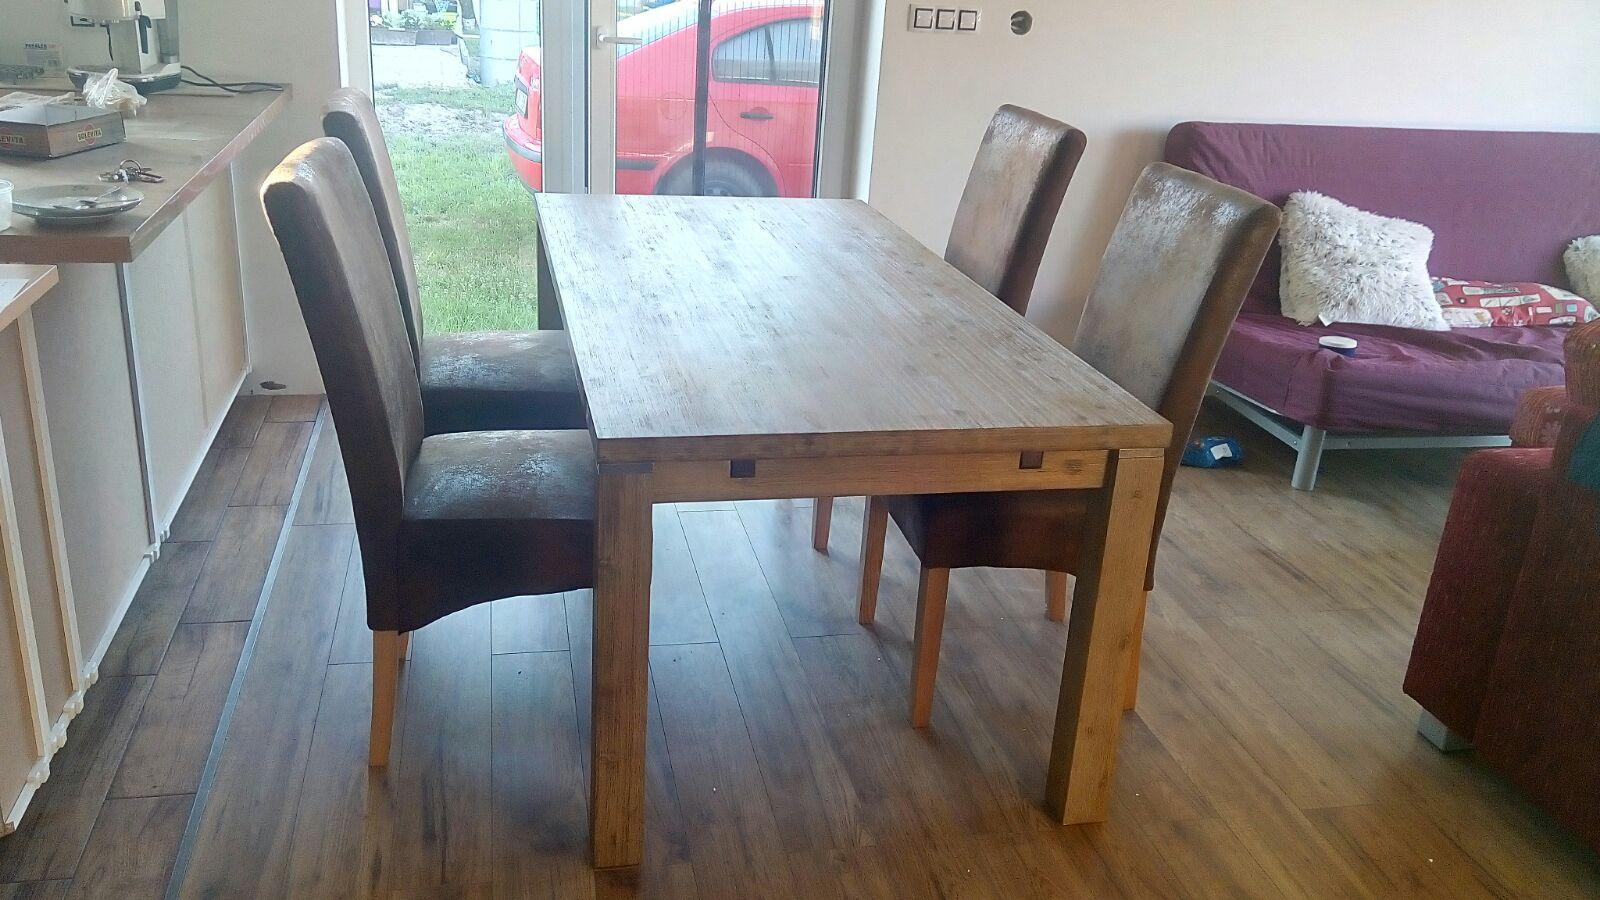 Bungalov 1473 - KOnečne jedálenský stôl